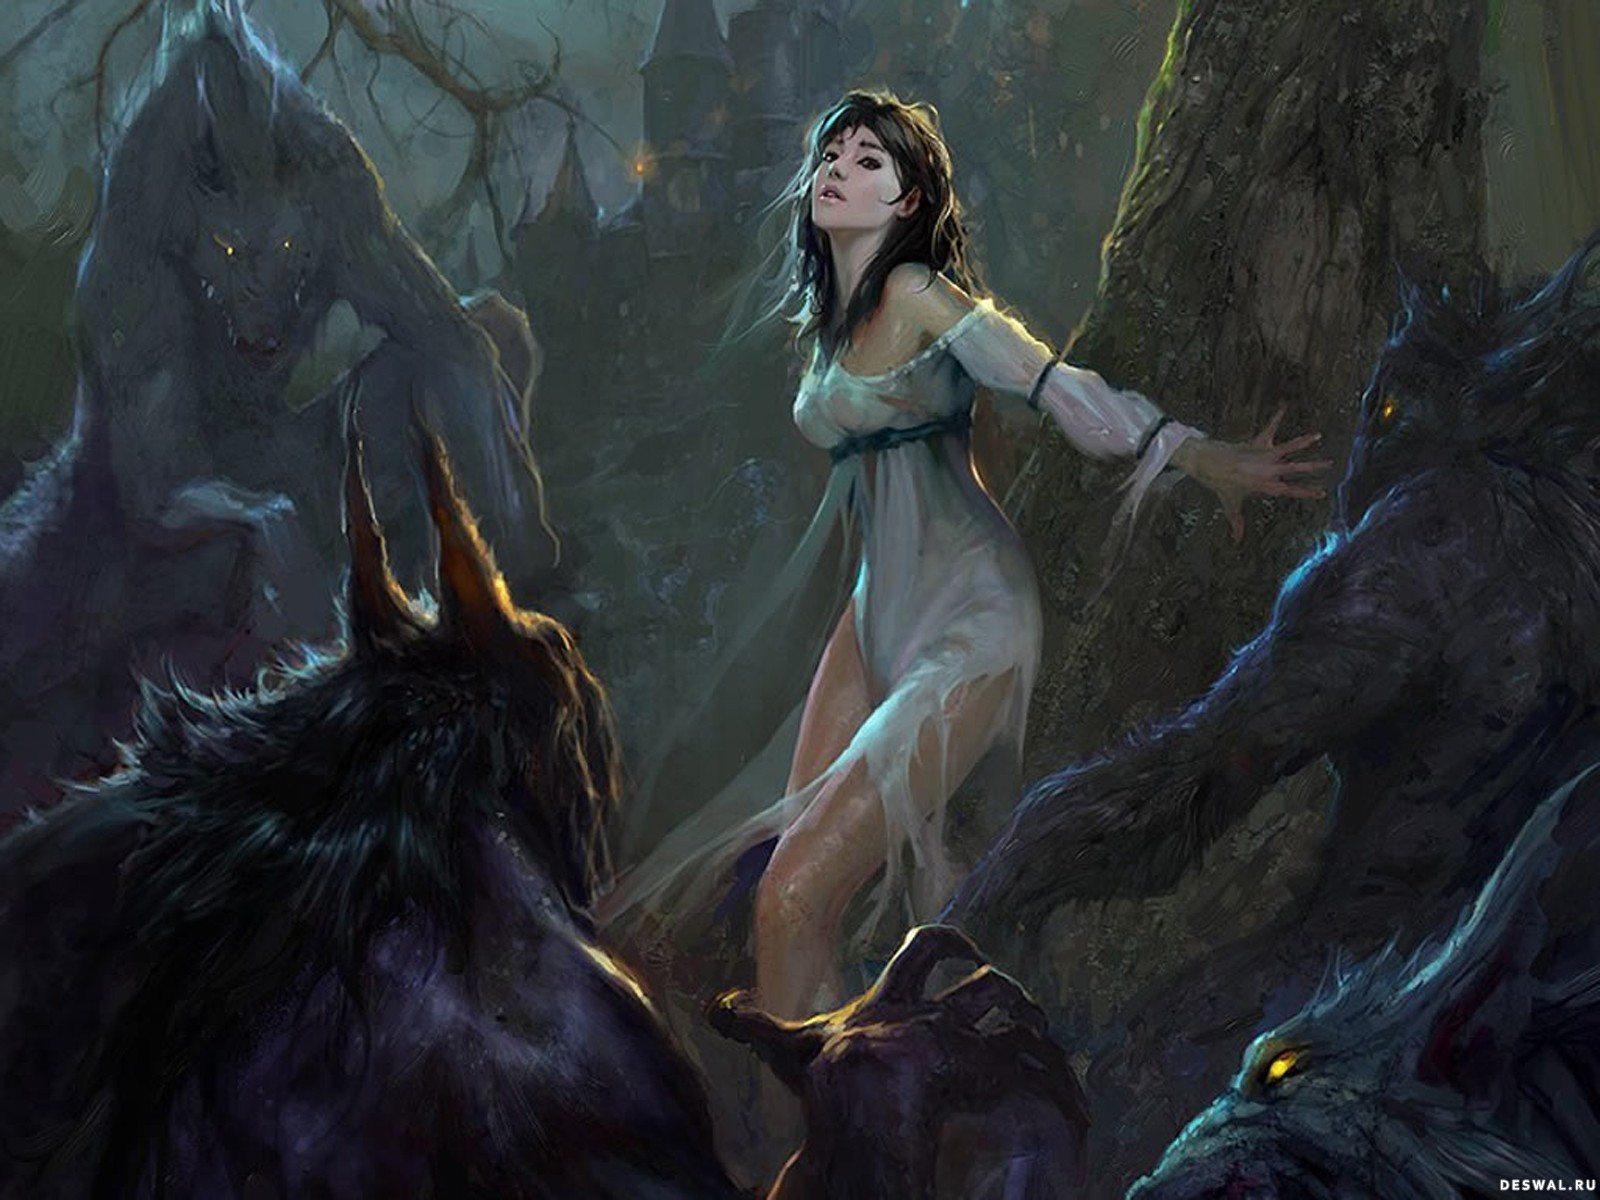 http://deswal.ru/fantasy/1600-1200/00000092.jpg